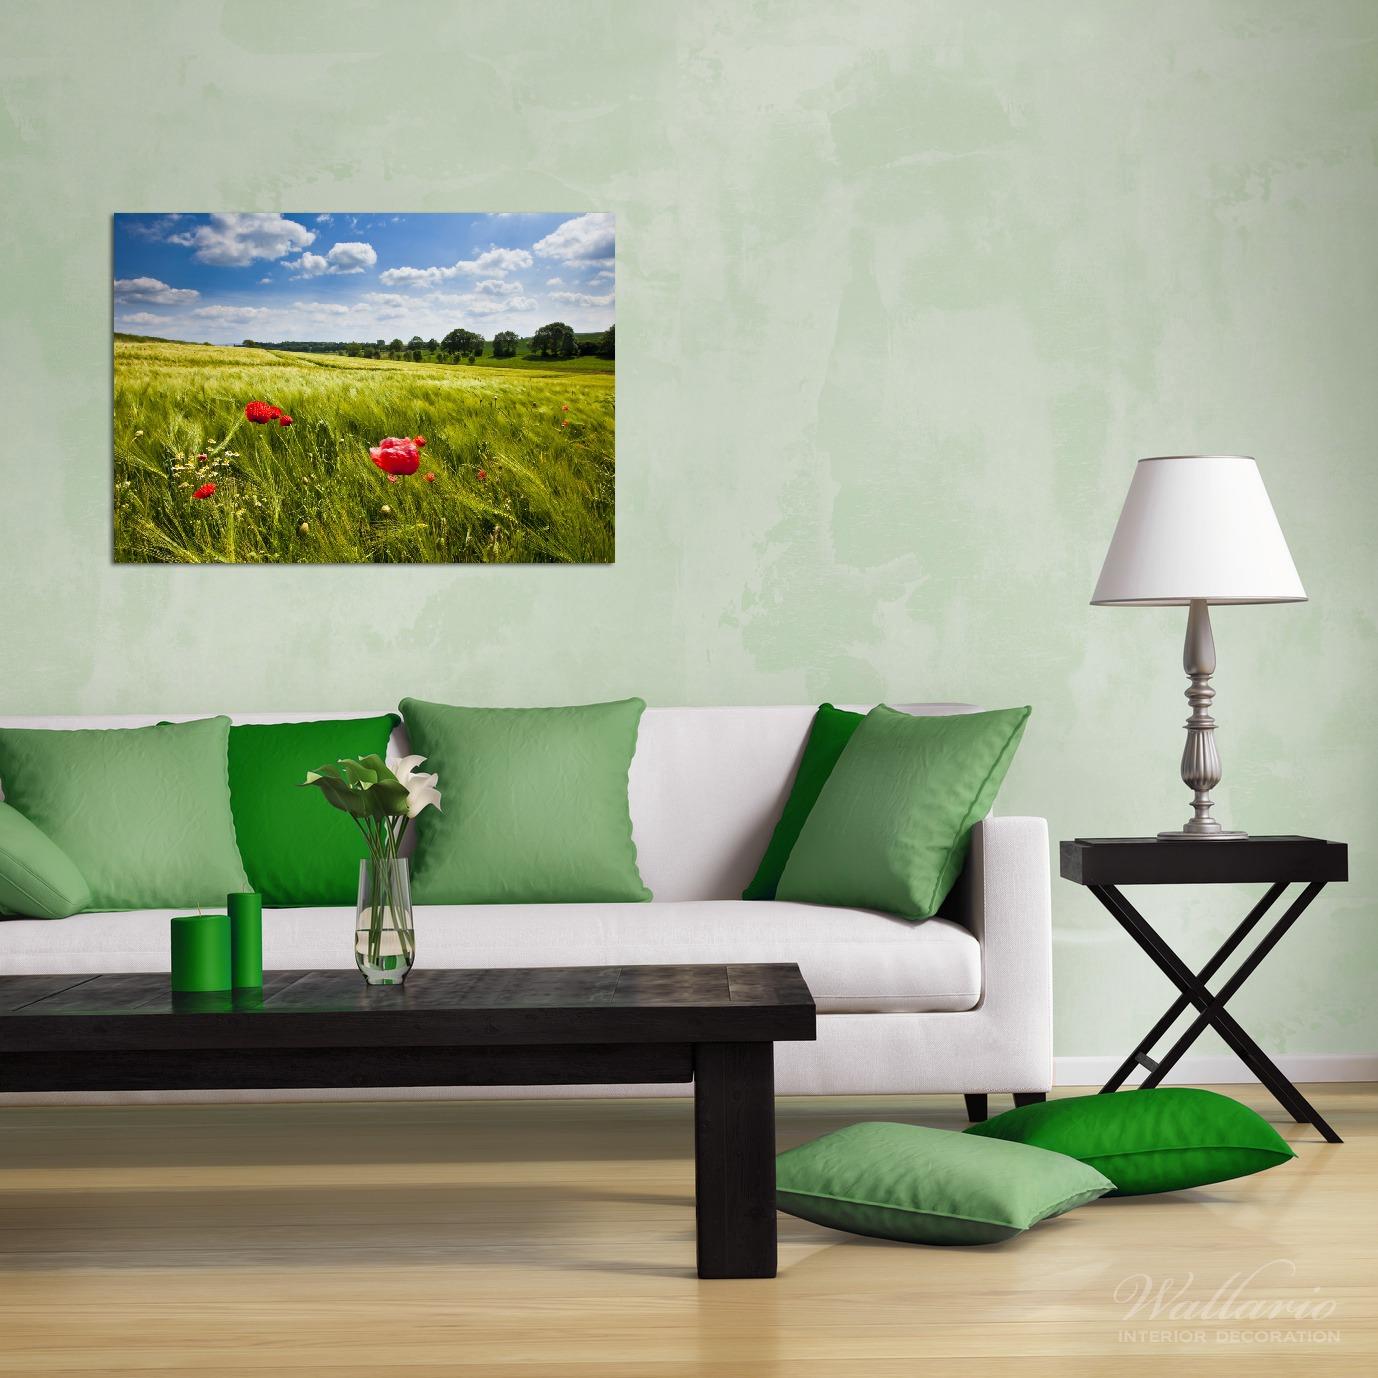 Wandbild Mohnblumenwiese auf grüner Wiese unter blauem Himmel – Bild 2